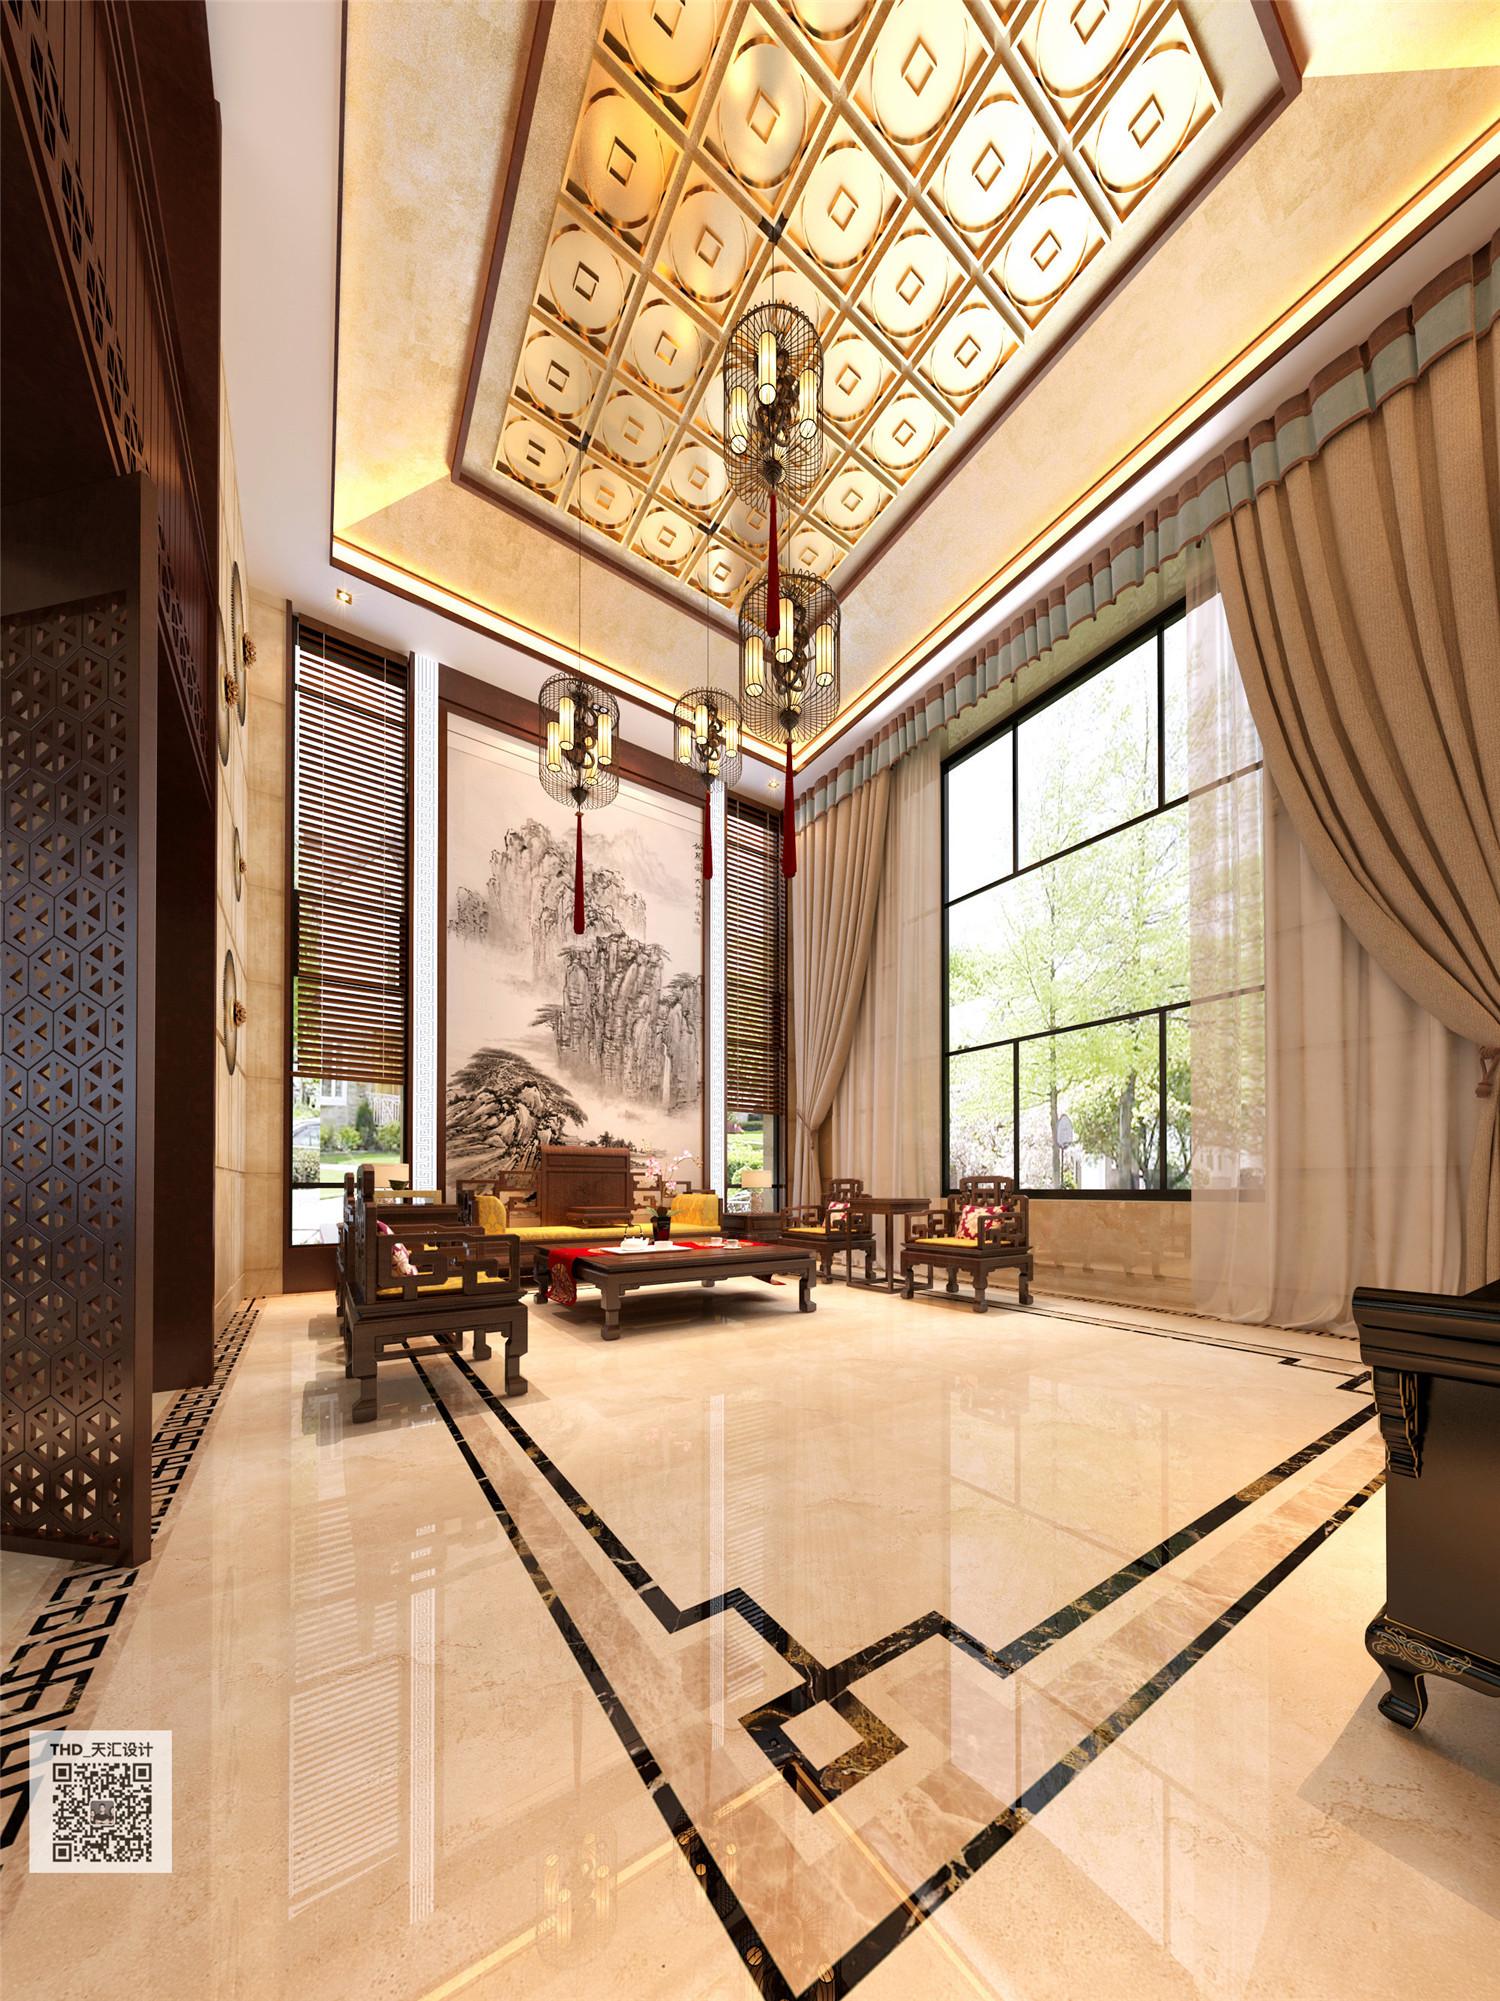 新中式 别墅 豪宅 中式 游小华 客厅图片来自福建天汇设计工程有限公司在THD-天汇设计《九富墅》的分享